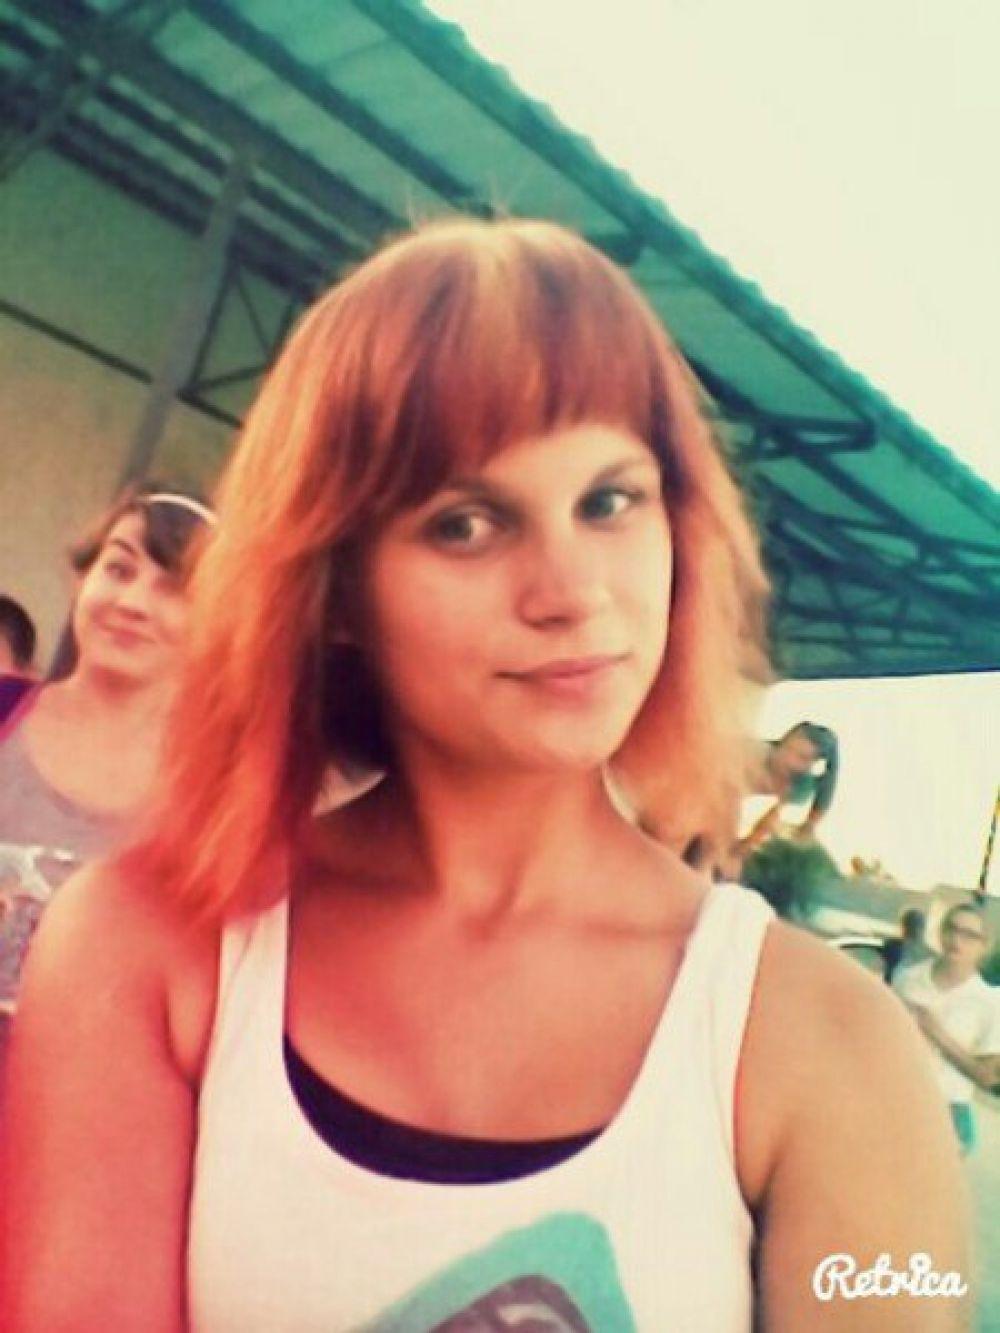 В Крыму целый месяц ищут несовершеннолетнюю, прописанную в Феодосии